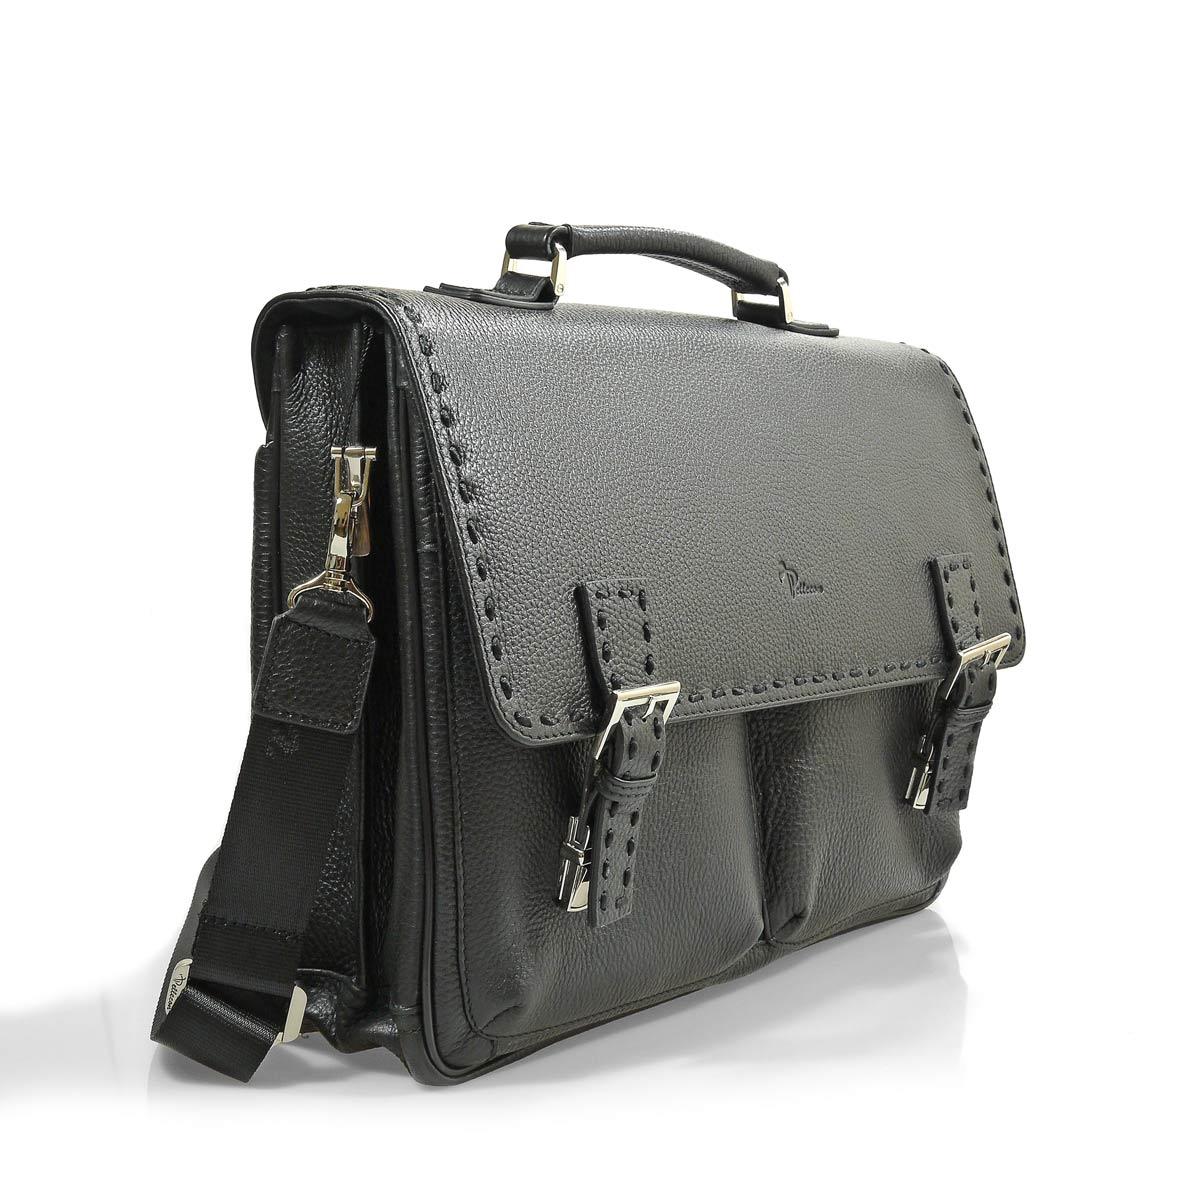 102-294-1 Men's Briefcase Pellekon